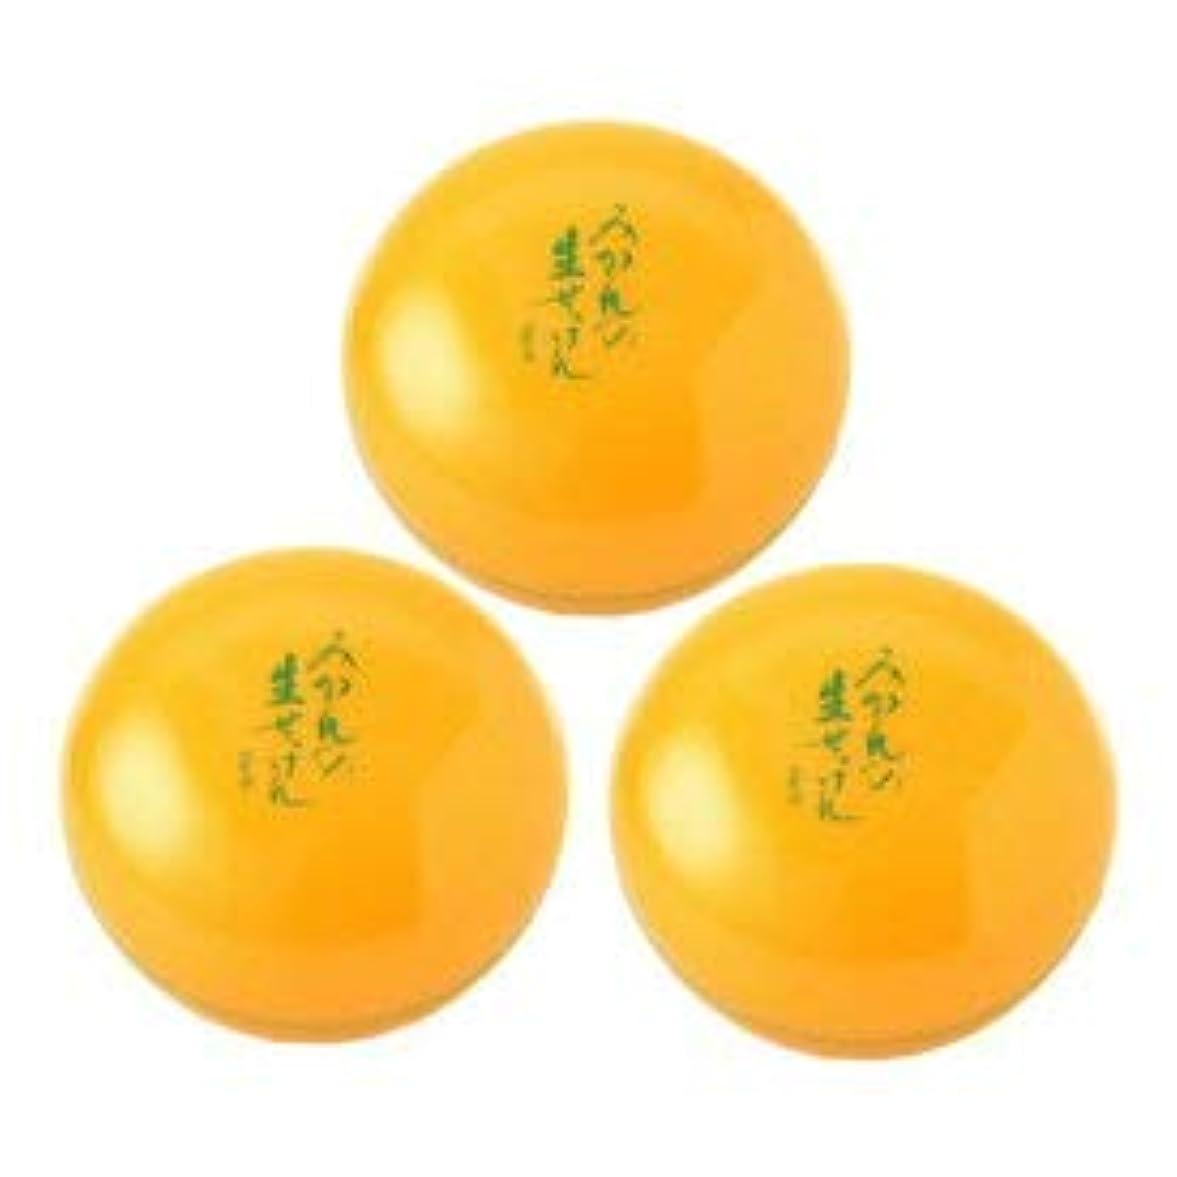 疫病野心的ファイルUYEKI美香柑みかんの生せっけん50g×3個セット